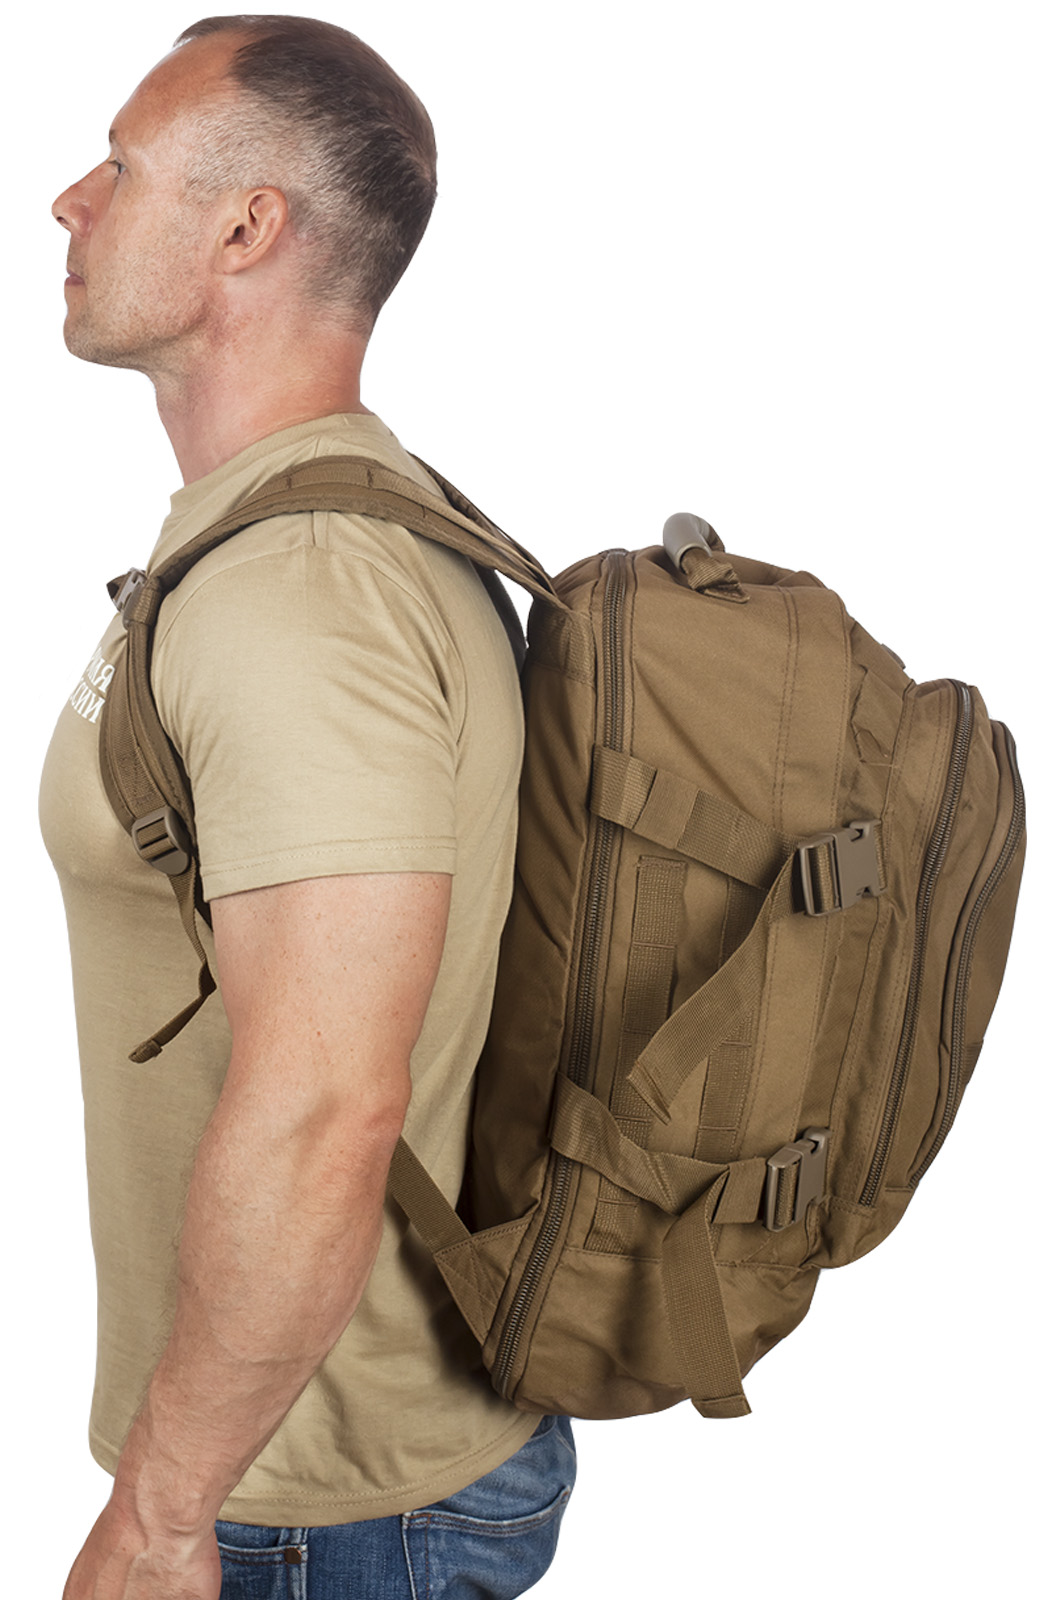 Патрульный тактический рюкзак с нашивкой Погранвойск - купить оптом